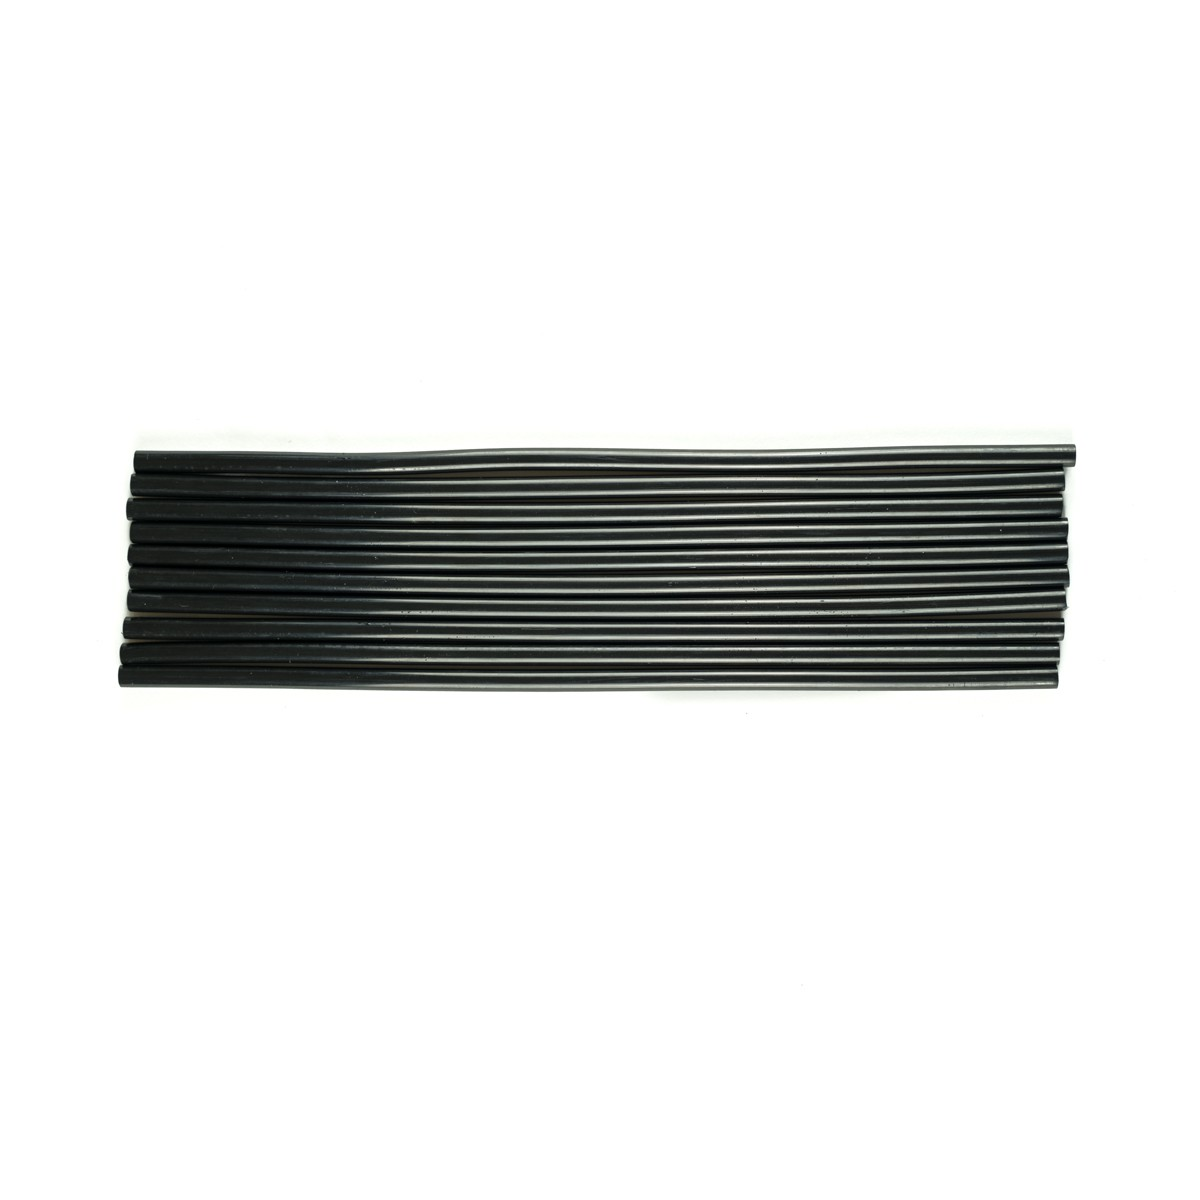 Bastões de Cola Quente Preto (Supramelt 7501P) - Fino 7,5mm x 30 cm (10uni)